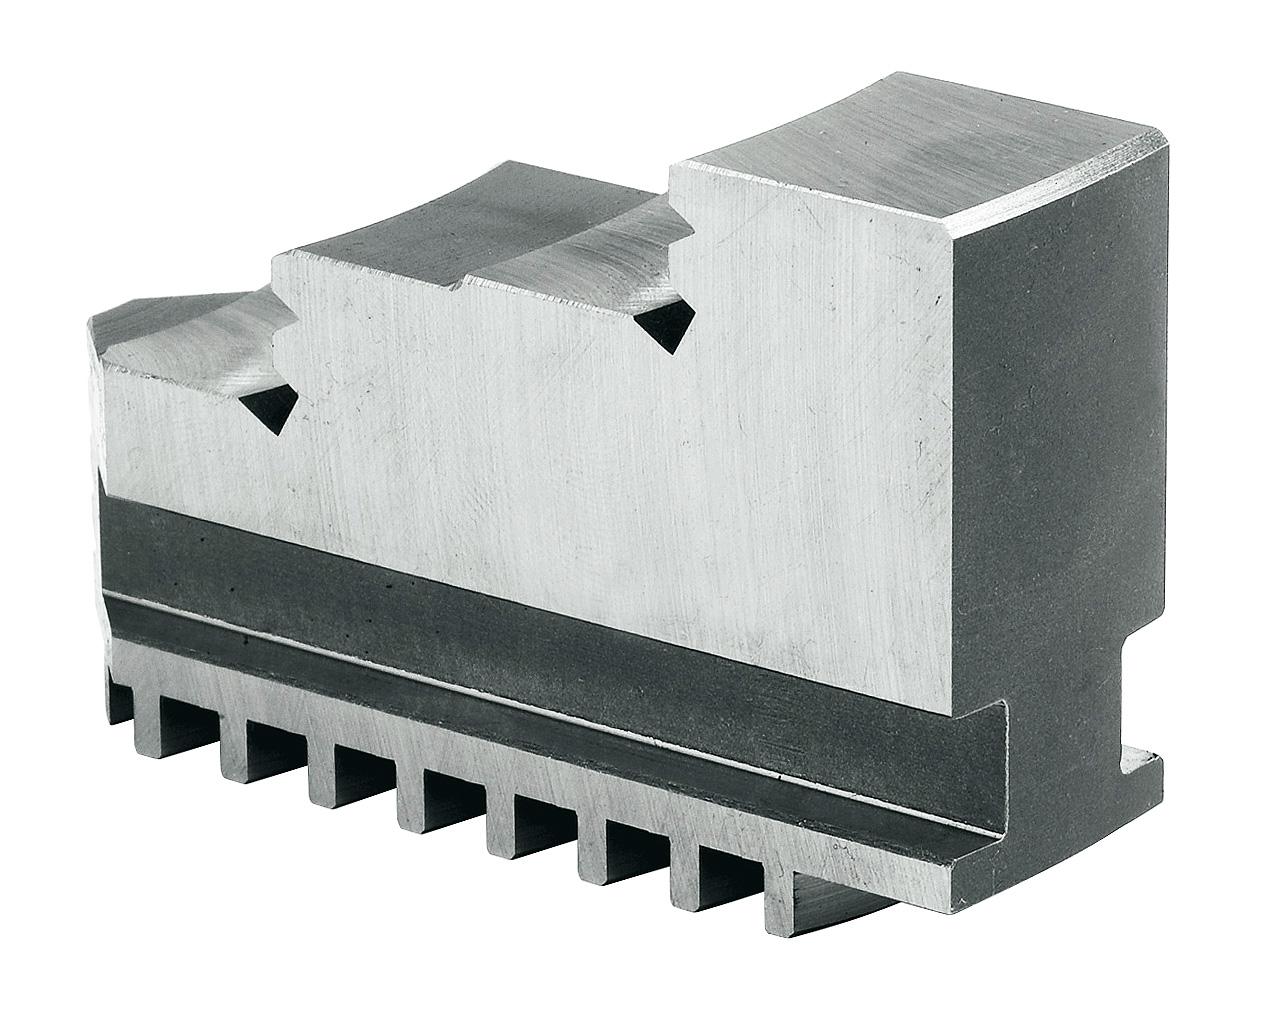 Szczęki jednolite twarde wewnętrzne - komplet DIJ-DK11-630 BERNARDO